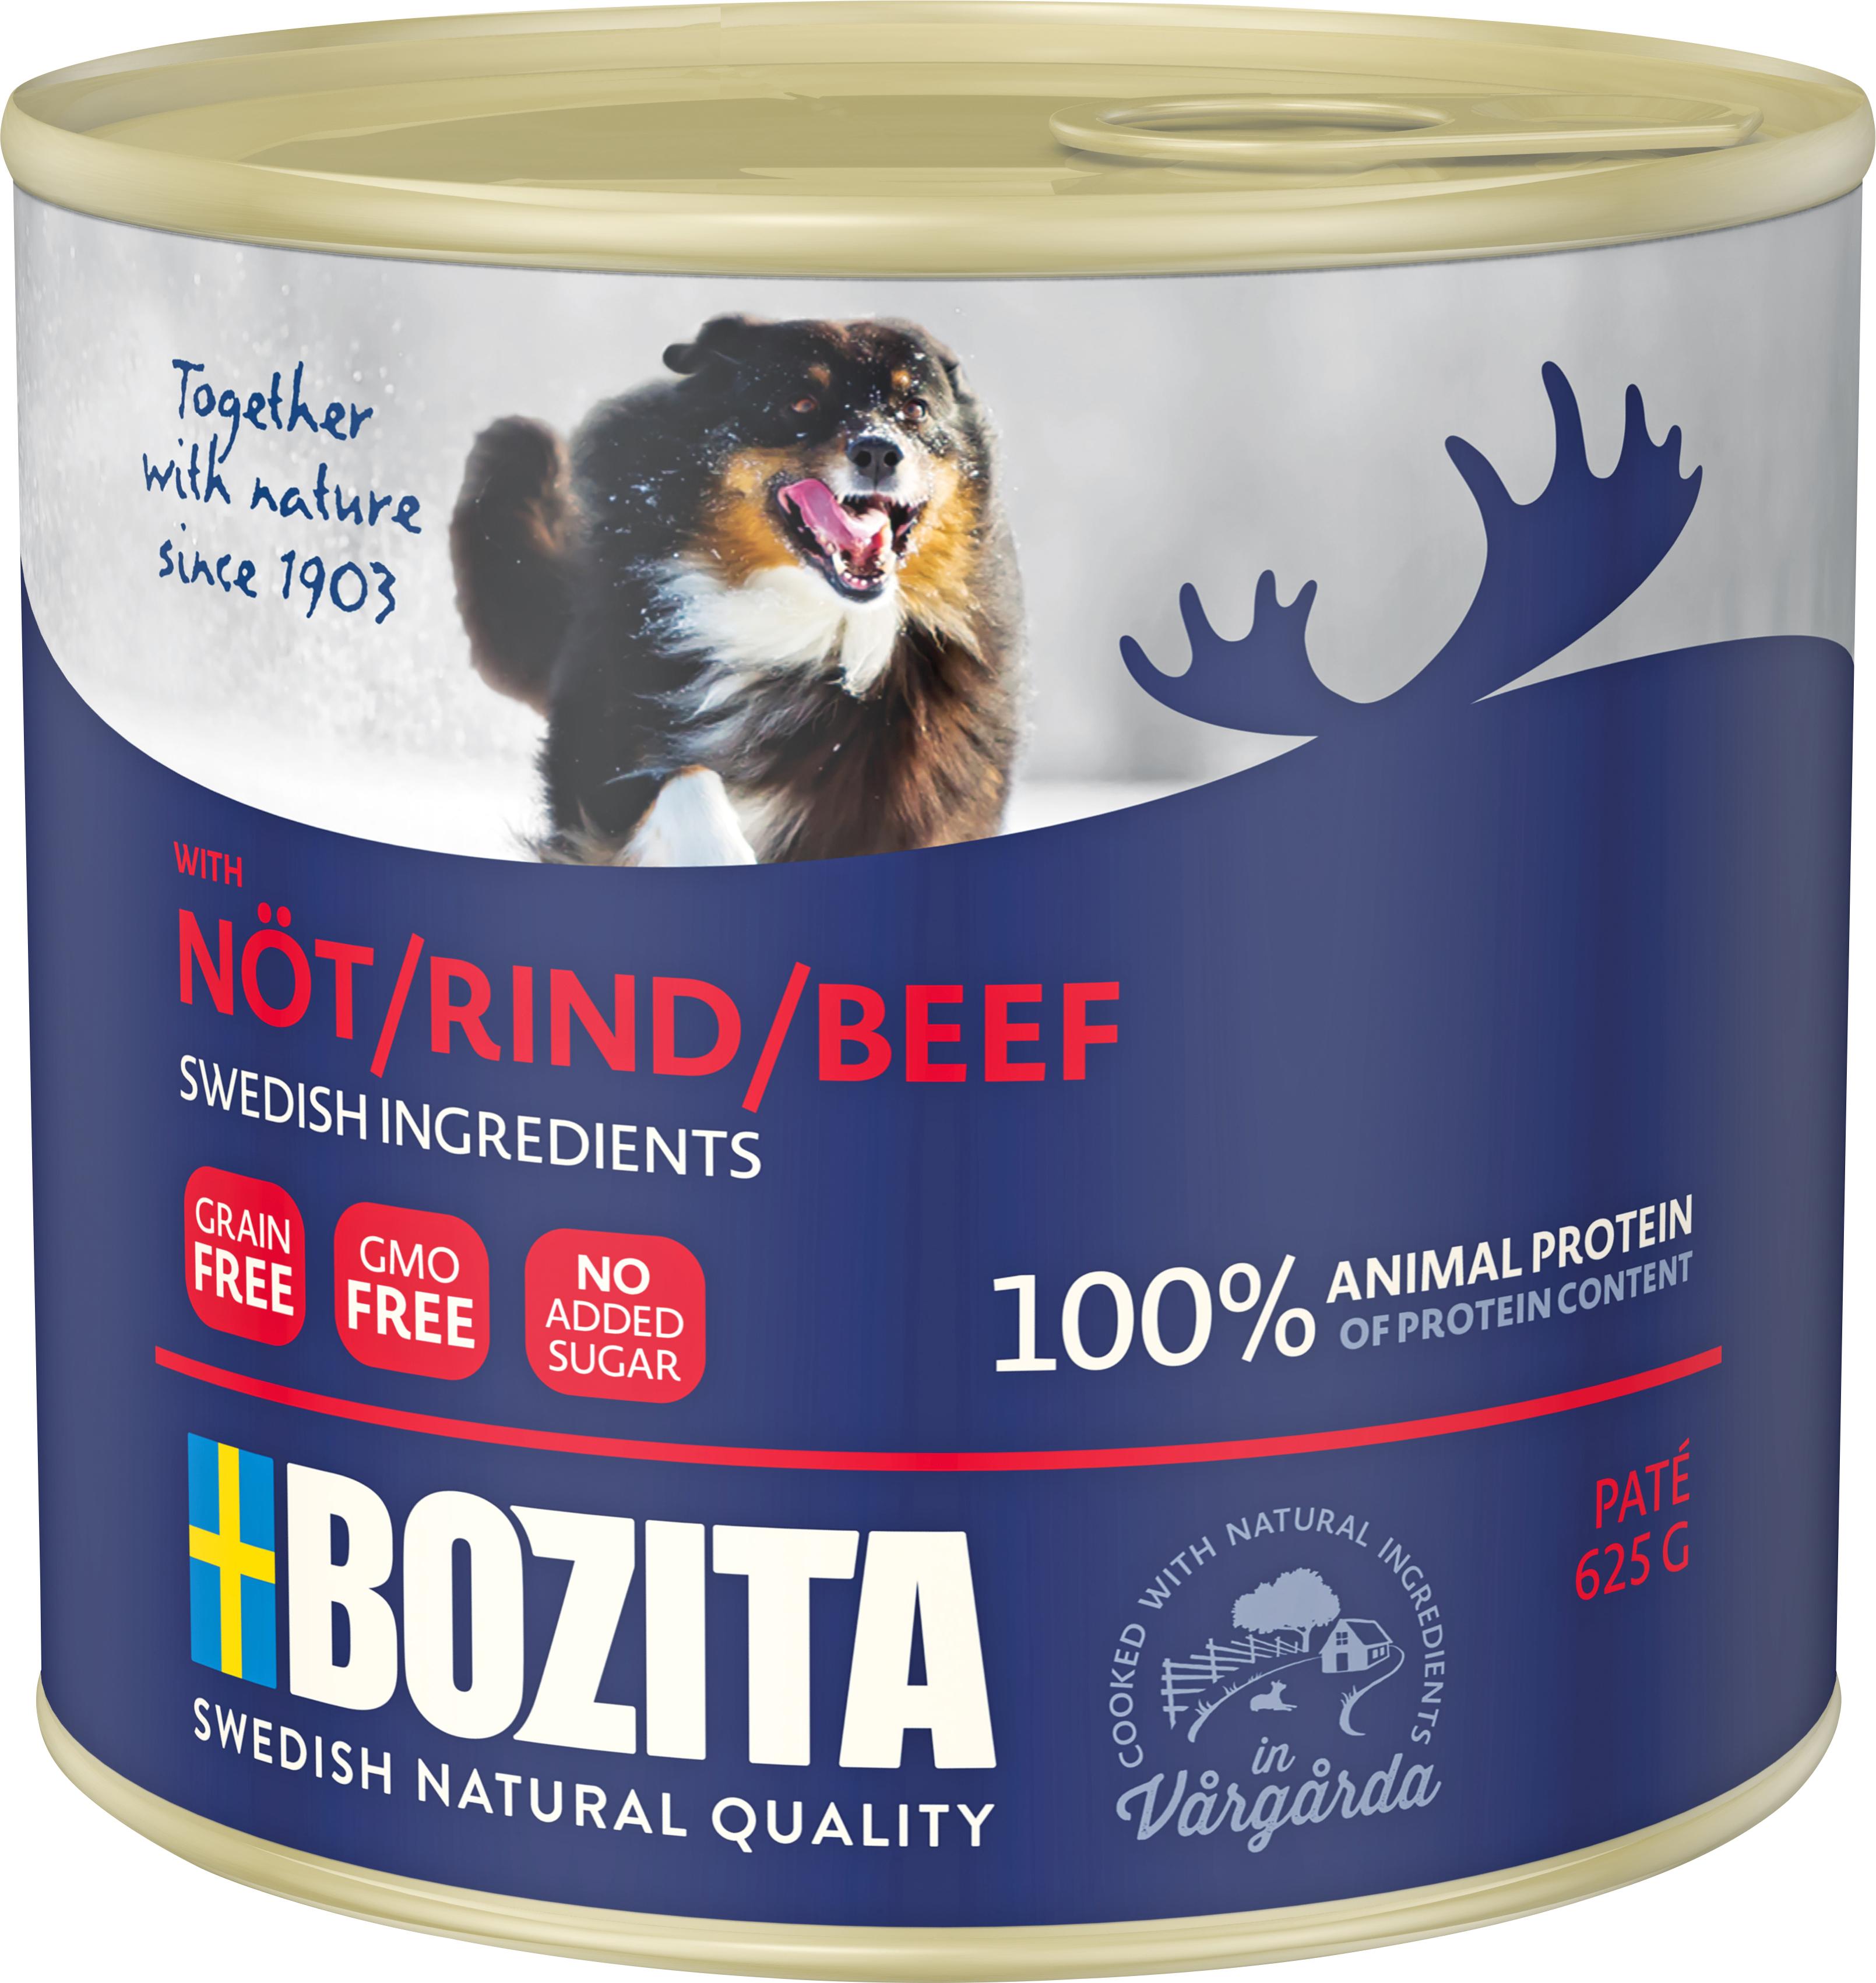 Hundfoder Bozita Nöt Konserv 625 gram